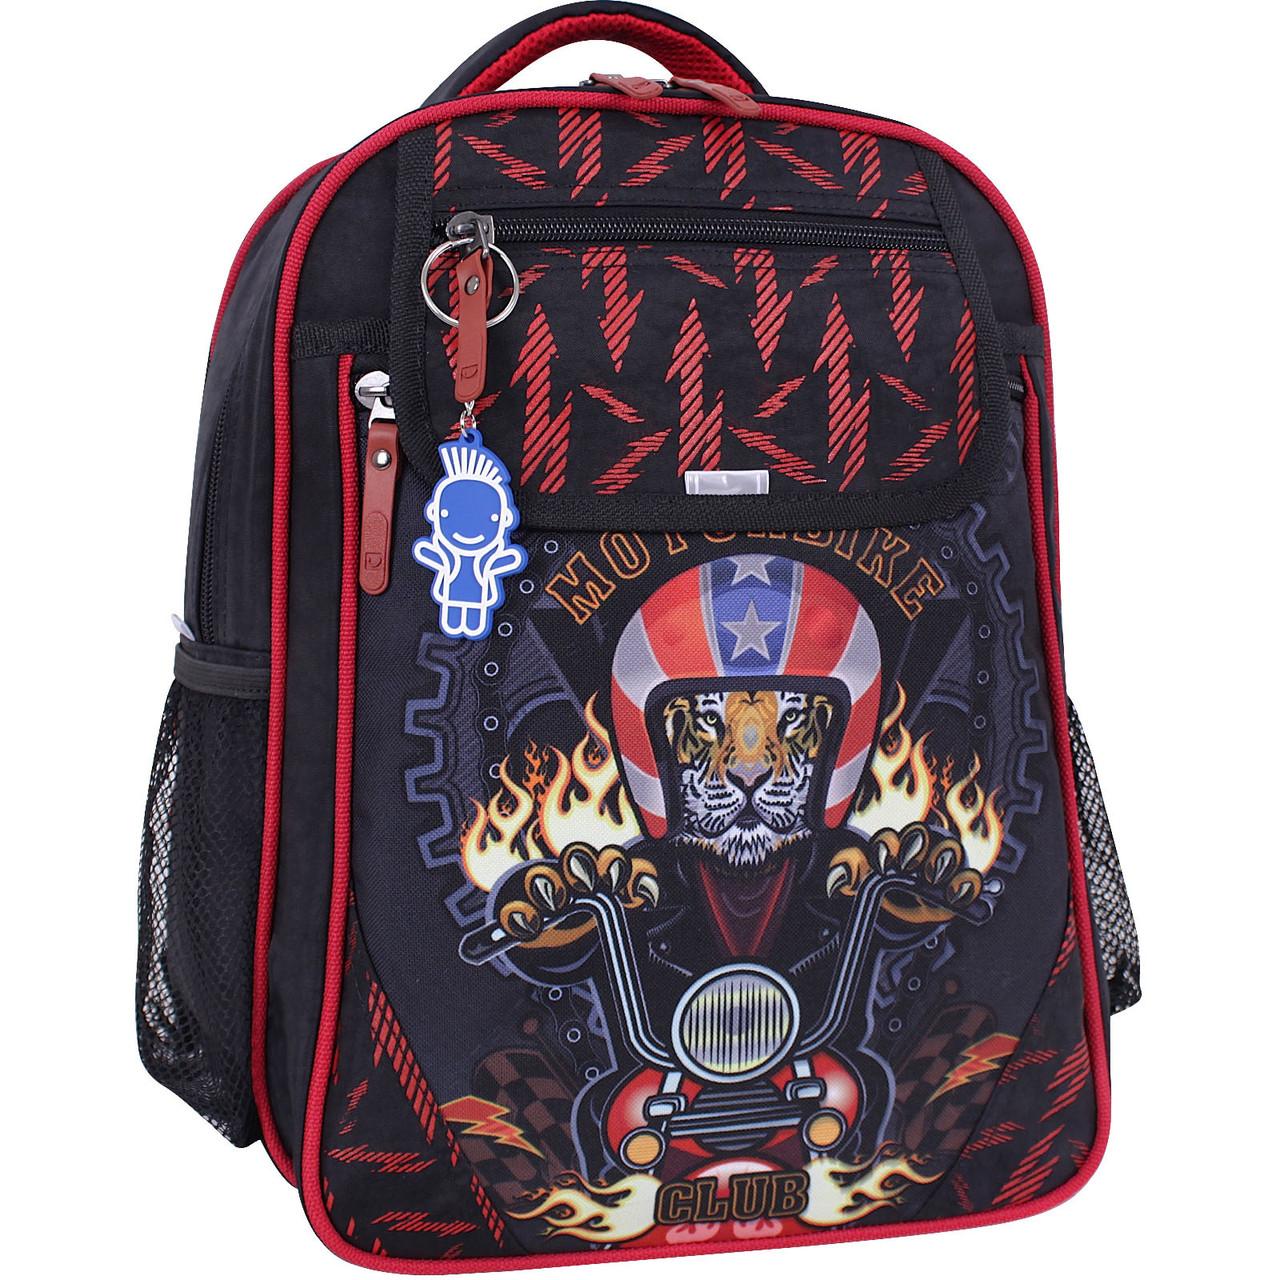 Рюкзак школьный Bagland Отличник 20 л. черный 658 (0058070)